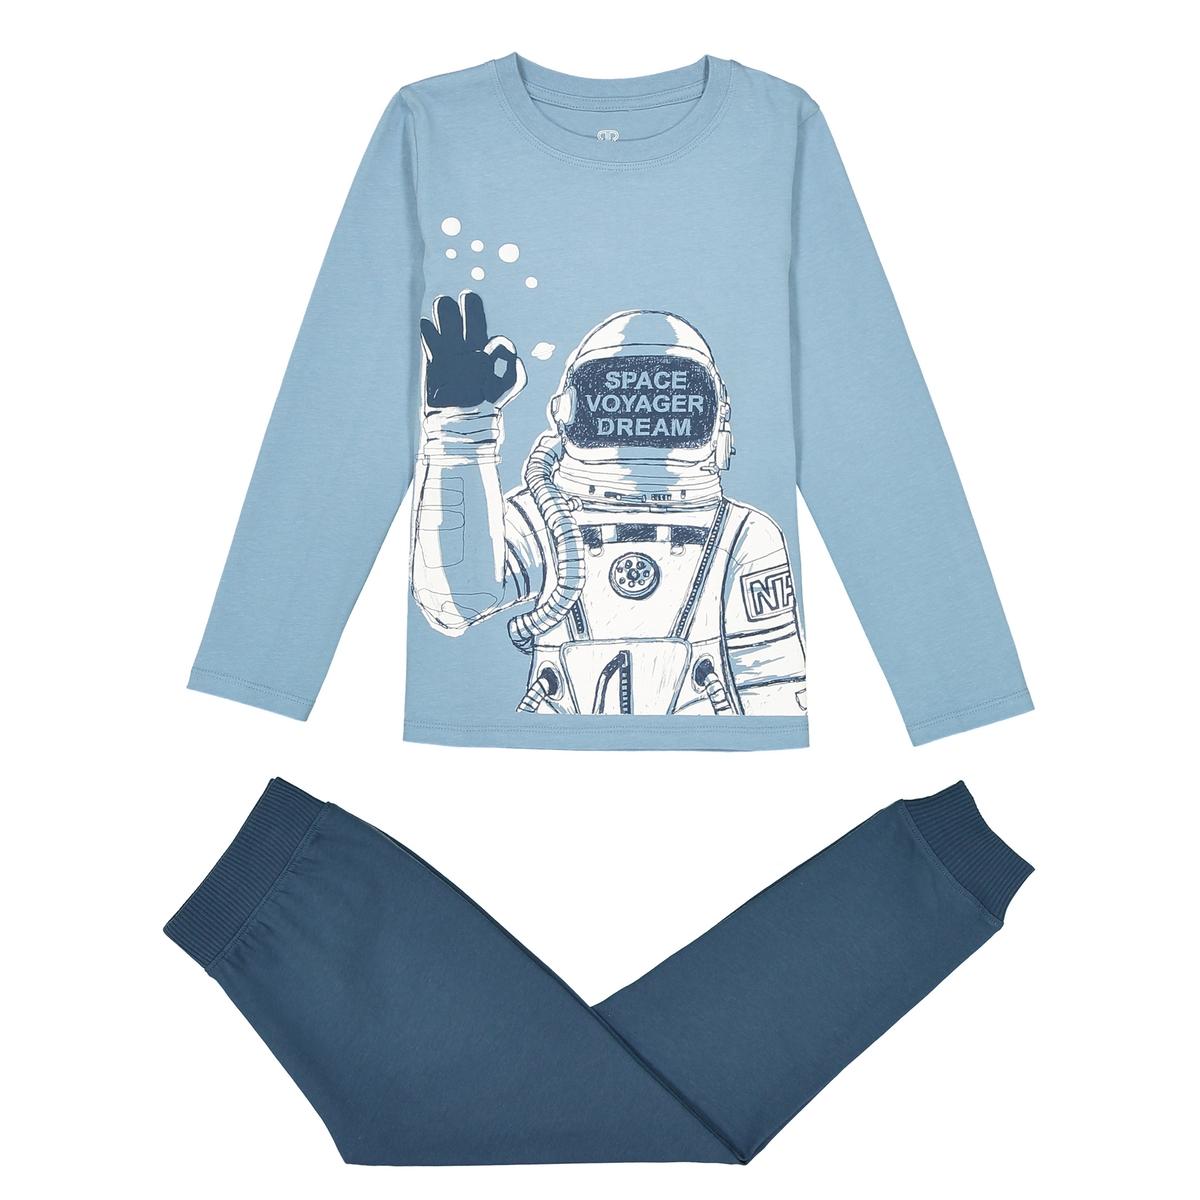 Пижама космонавт, 3-12 летОписание:Рельефный рисунок в стиле космический путешественник ! Тёплая пижама прекрасно подходит для комфортного сна !Состав и описание :Пижама: футболка с длинными рукавами и брюки. Футболка с рисунком космонавт спереди . Однотонные брюки с эластичным поясом •  Состав : Джерси, 100% хлопкаУход : •  Машинная стирка при 30° с вещами схожих цветов.  •  Стирать, сушить и гладить с изнаночной стороны.  •  Машинная сушка в умеренном режиме. •   Гладить на низкой температуре.<br><br>Цвет: синий/ темно-синий<br>Размер: 6 лет - 114 см.5 лет - 108 см.8 лет - 126 см.12 лет -150 см.10 лет - 138 см.4 года - 102 см.3 года - 94 см